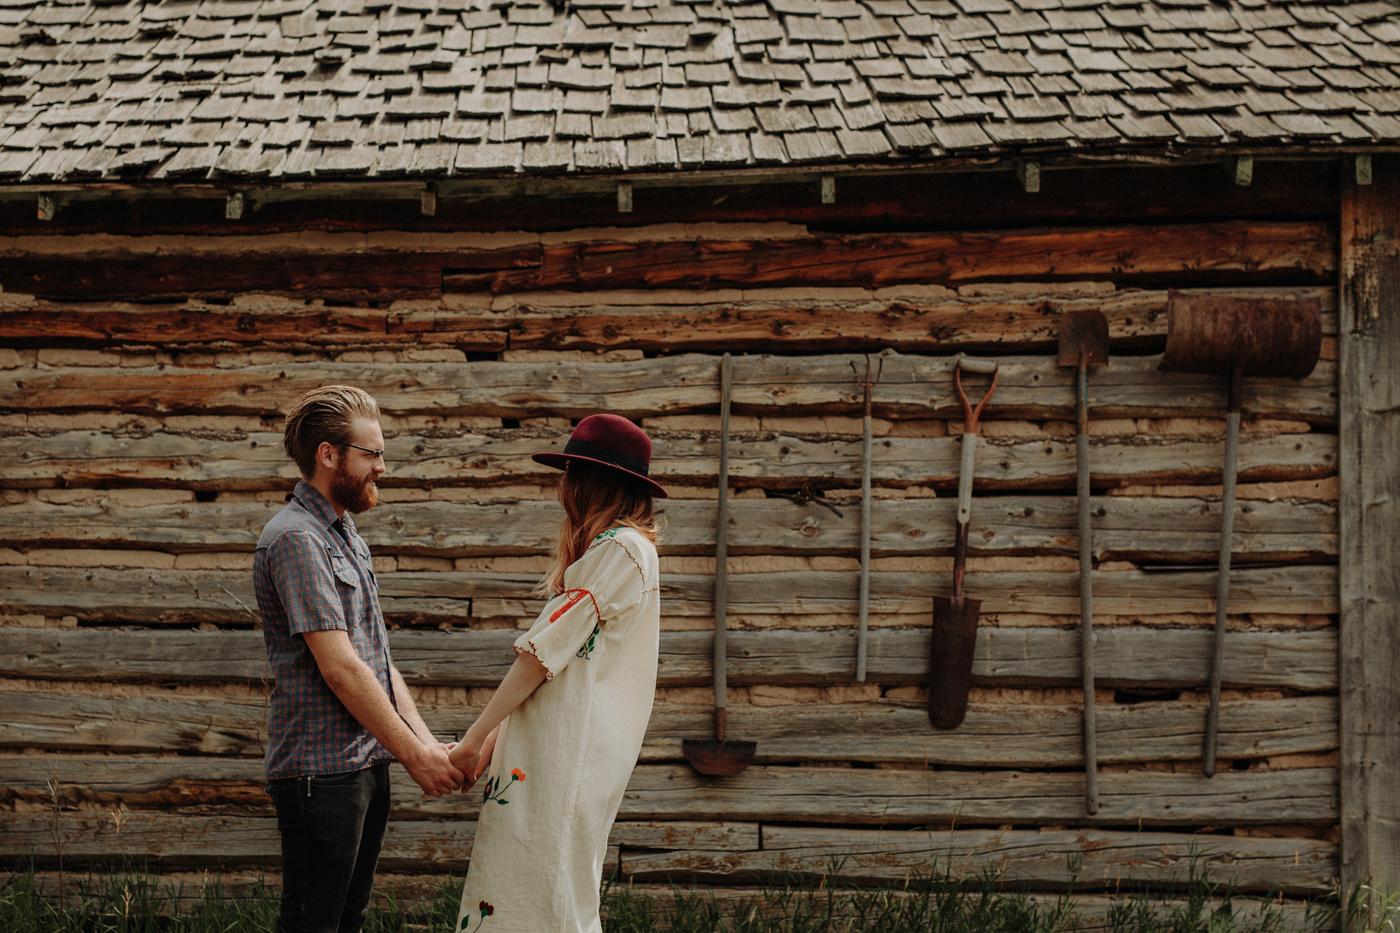 016-jones-max-colorado-ranch-engagement-photos.jpg